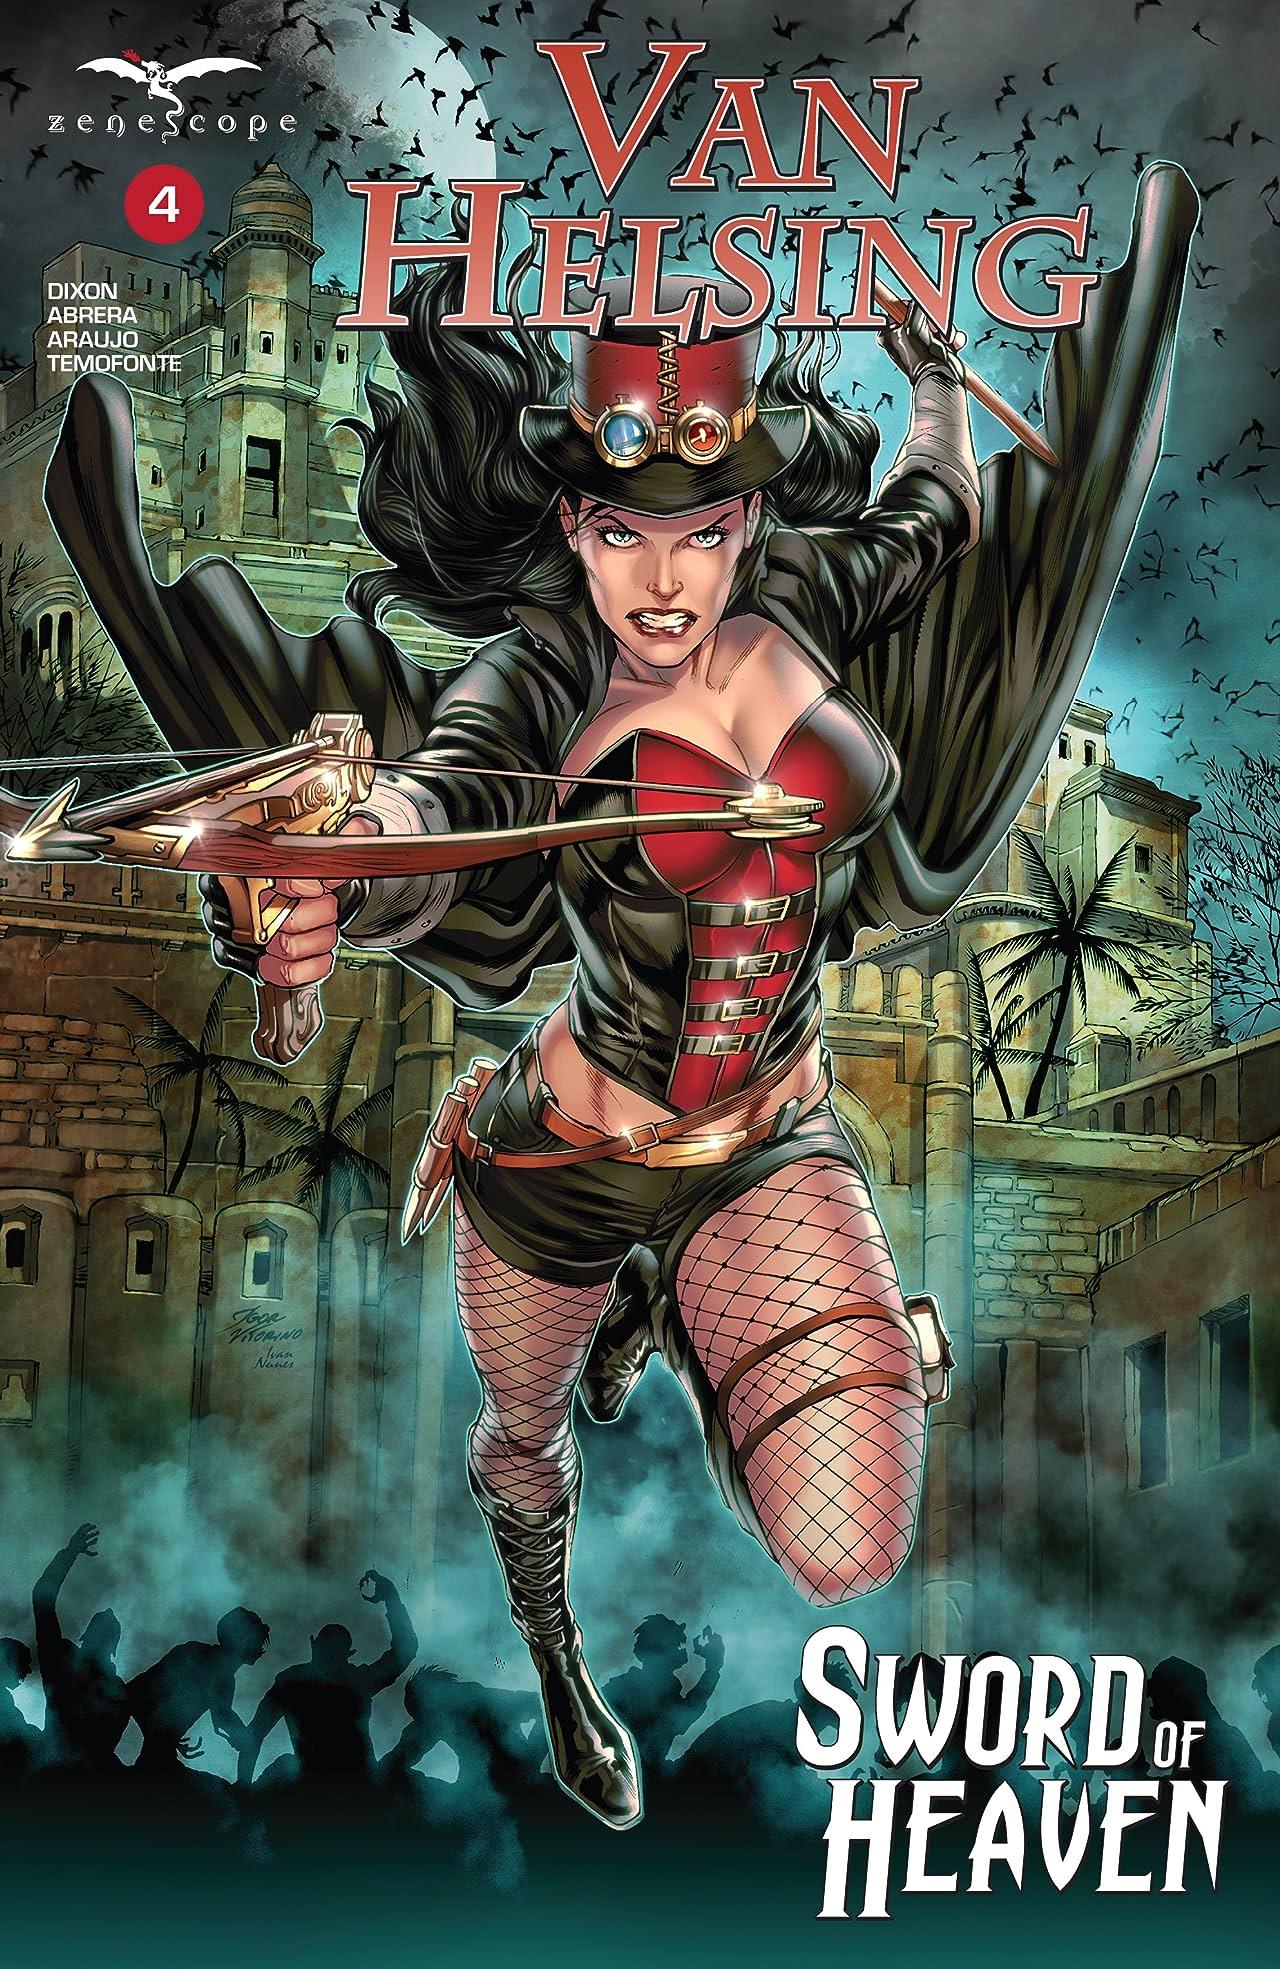 Van Helsing: Sword of Heaven #4